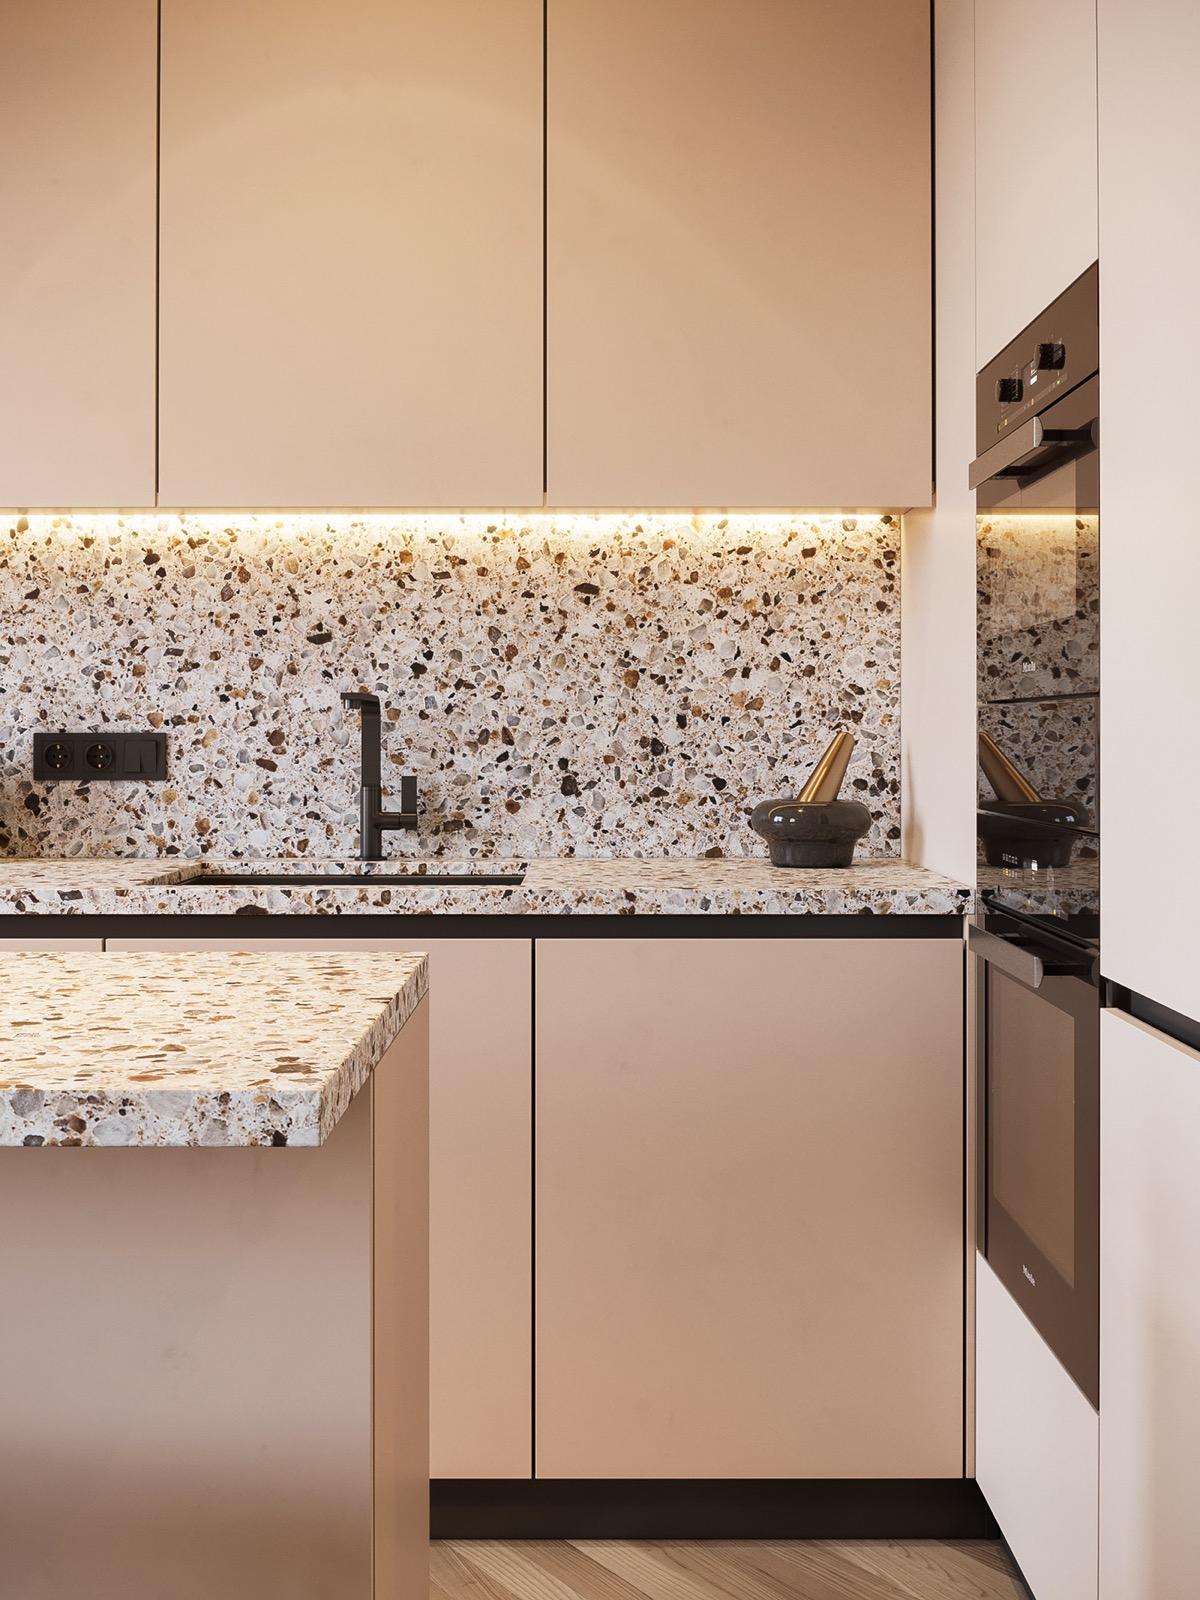 How To Use Terrazzo In Interior Design